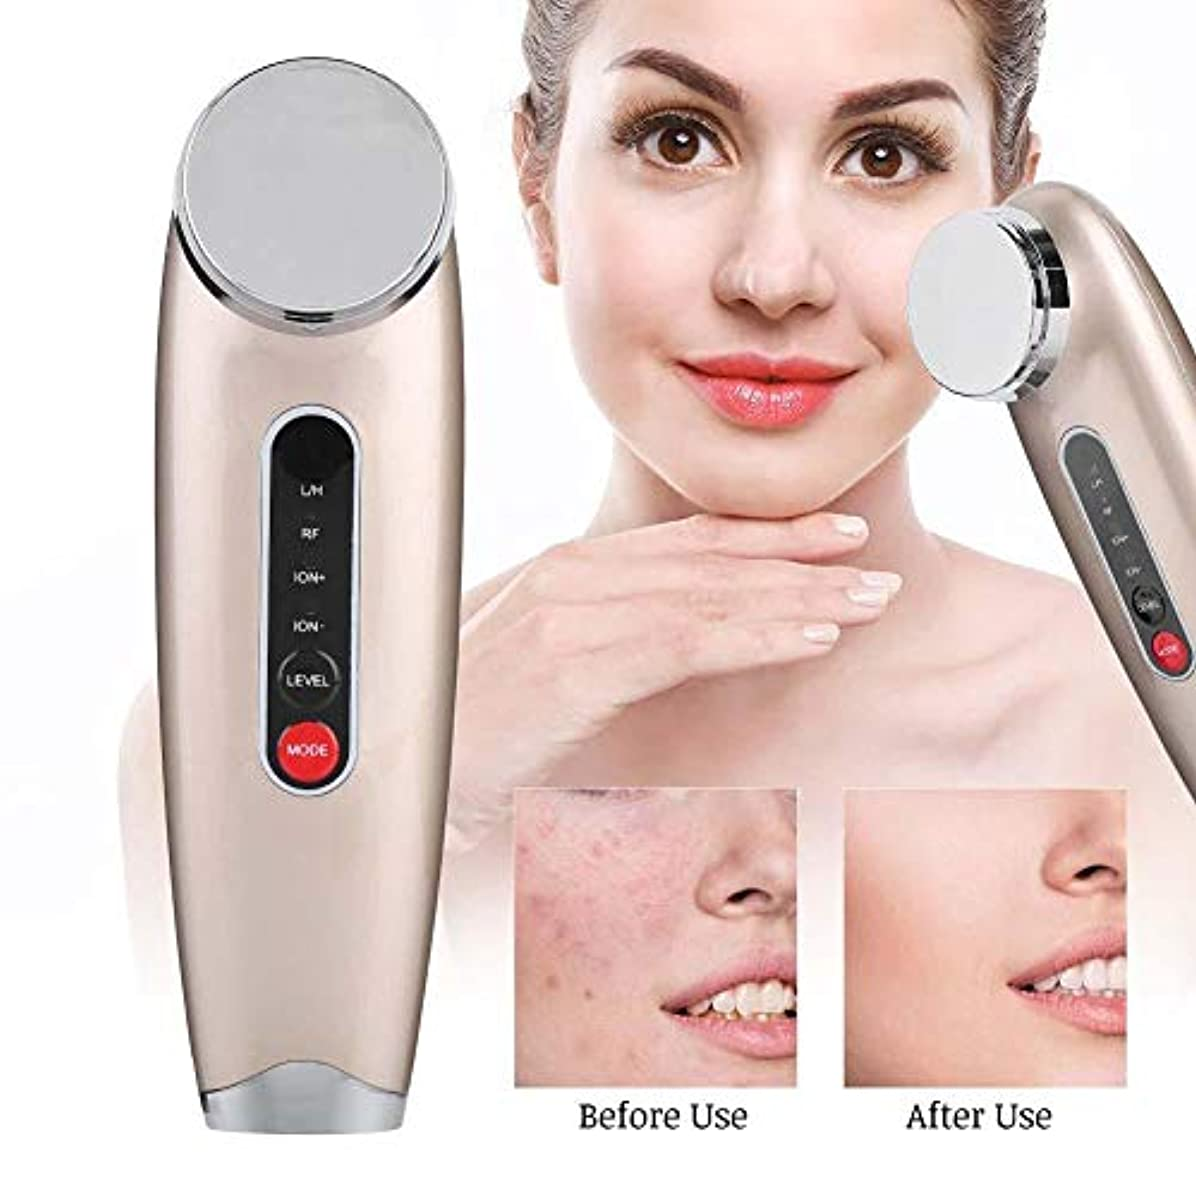 共役クリーナー制約フェイシャルビューティーマシーン - しわ、スキンケア用品、洗顔料、フェイシャルリフトを引き締め、肌を若返らせるために毛穴を縮めます